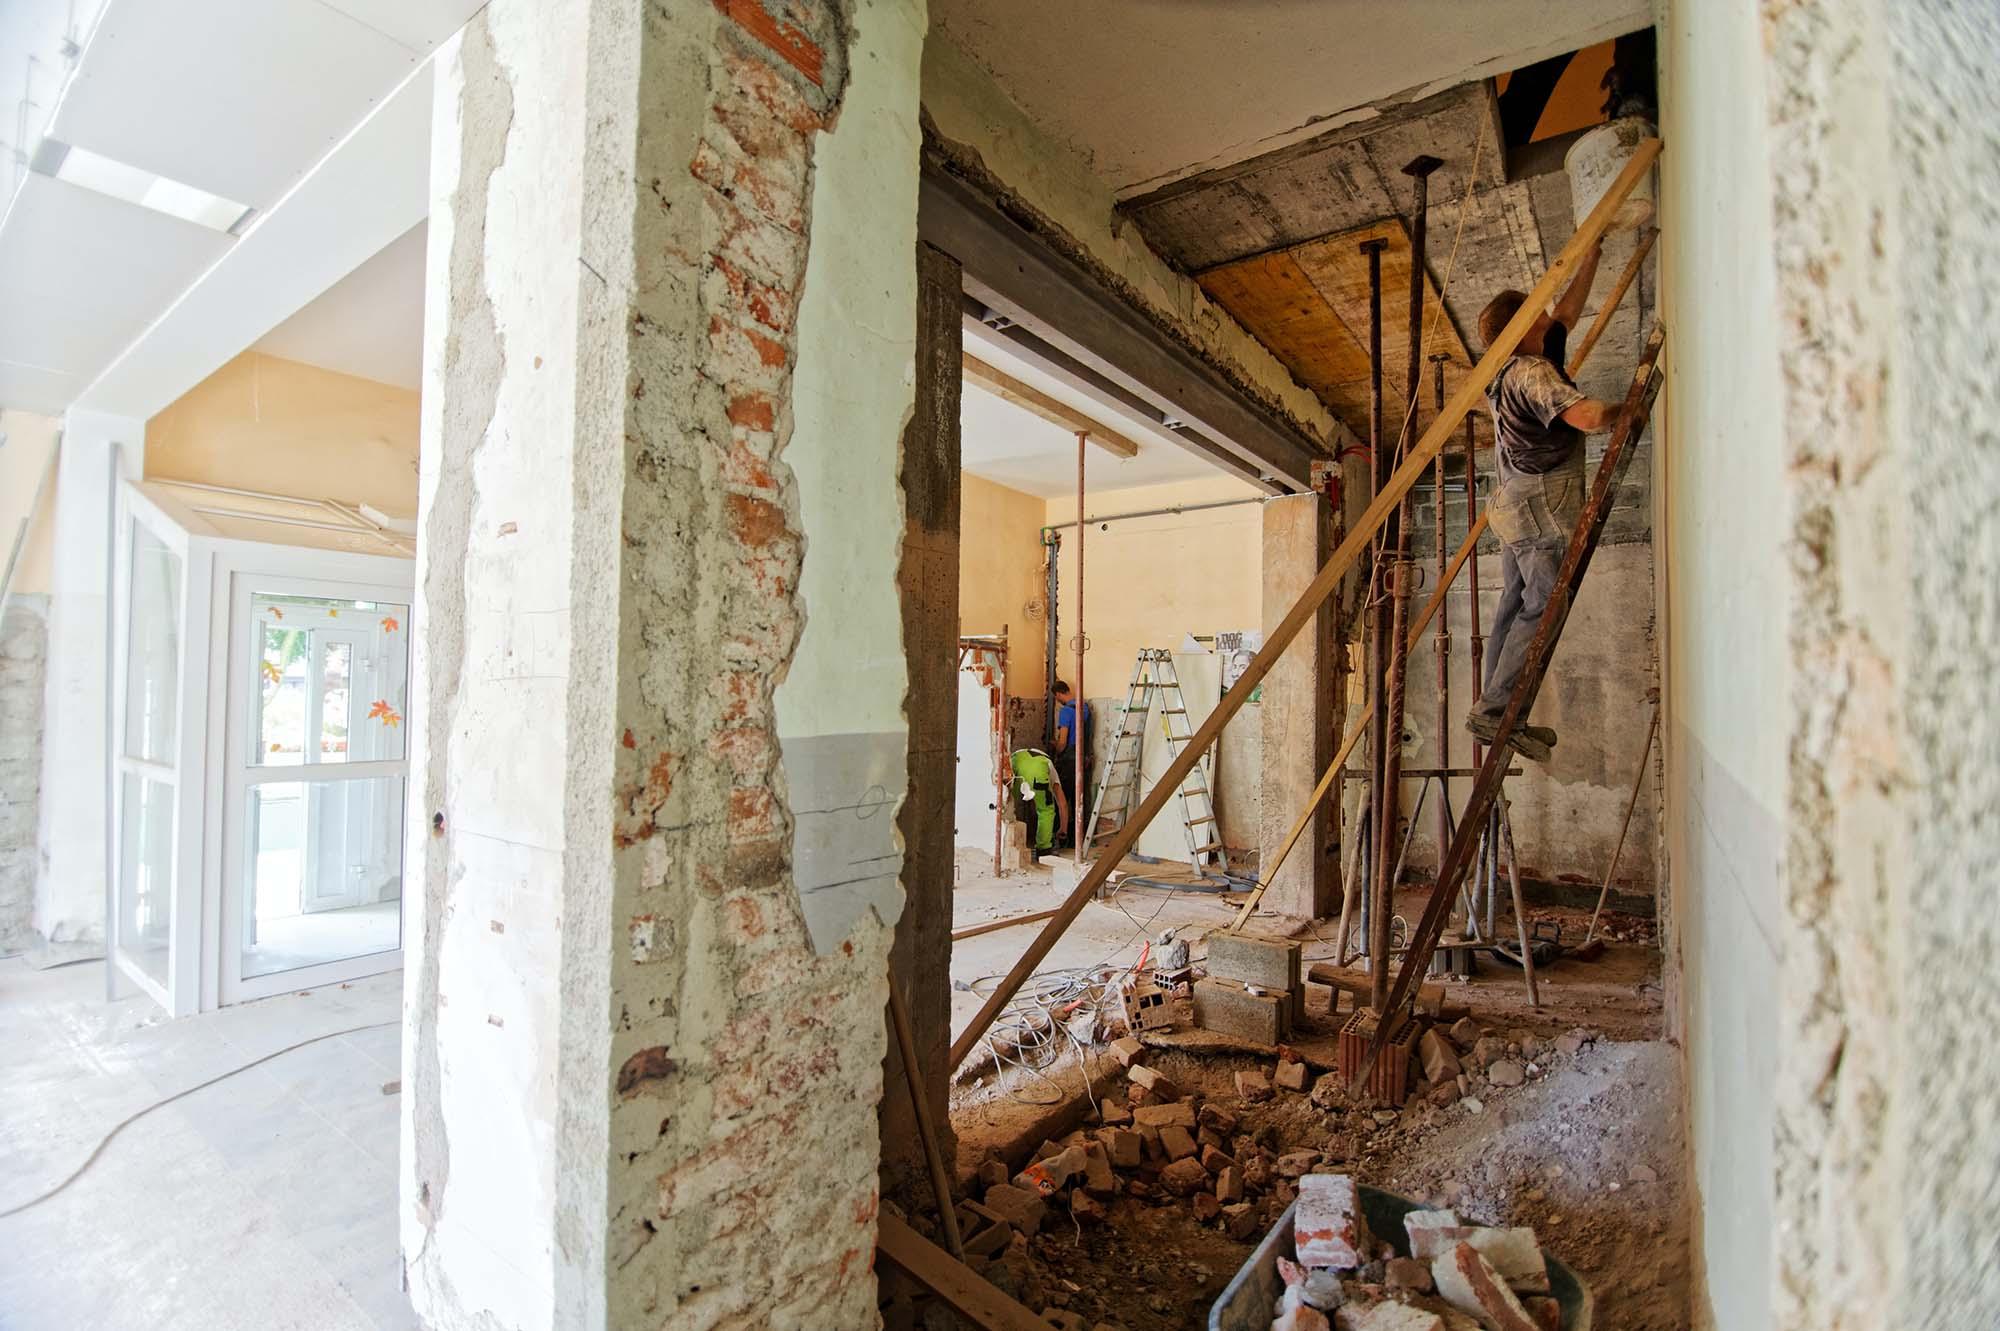 """נגמר באוקטובר 2022: צ׳אנס אחרון לבצע בבניין תמ""""א 38 ולהפוך את ה״דירה המעופשת״ שלנו לנכס מפואר בחינם"""